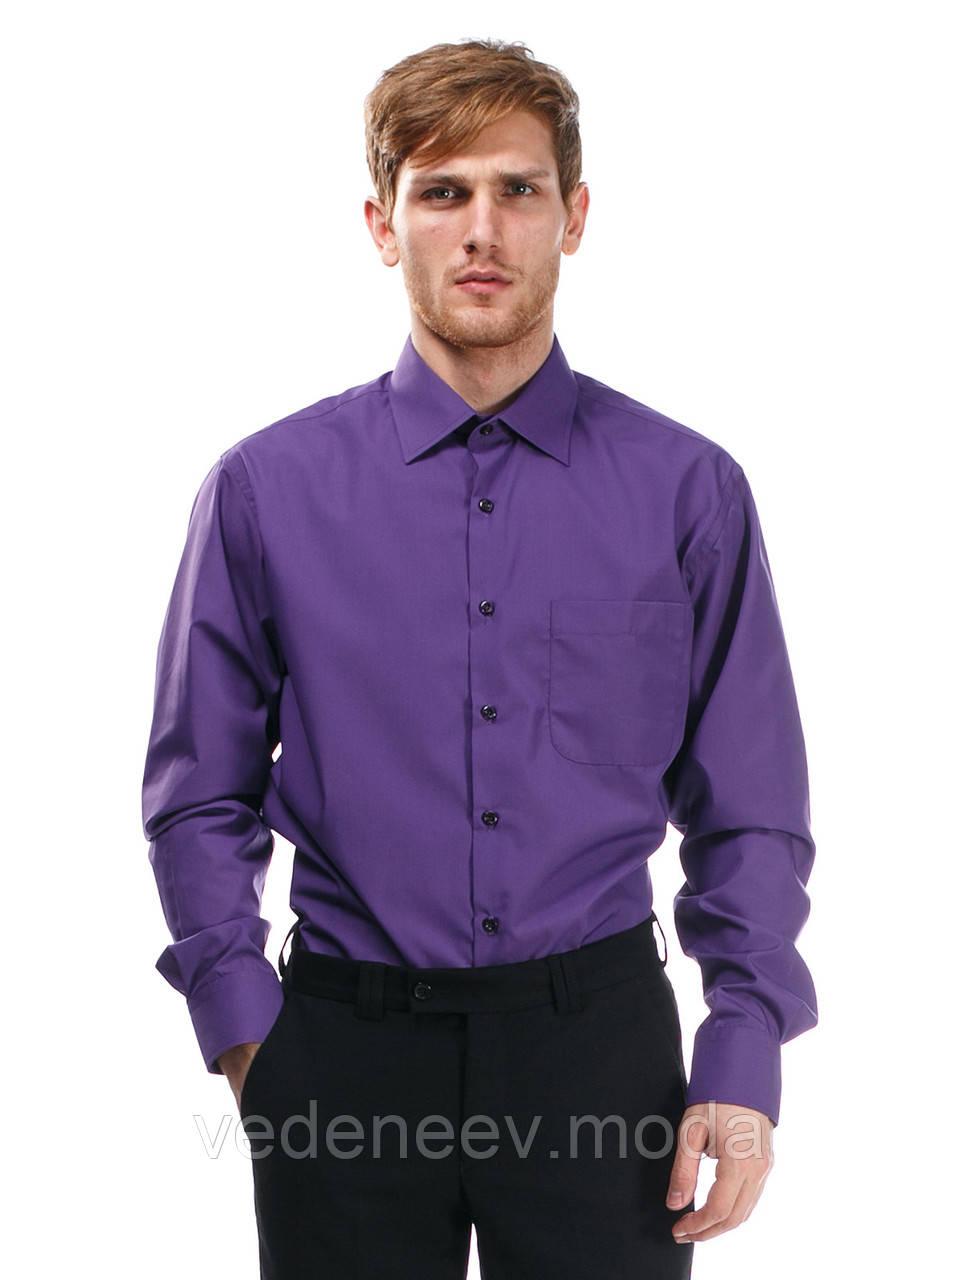 Цвет классических рубашек